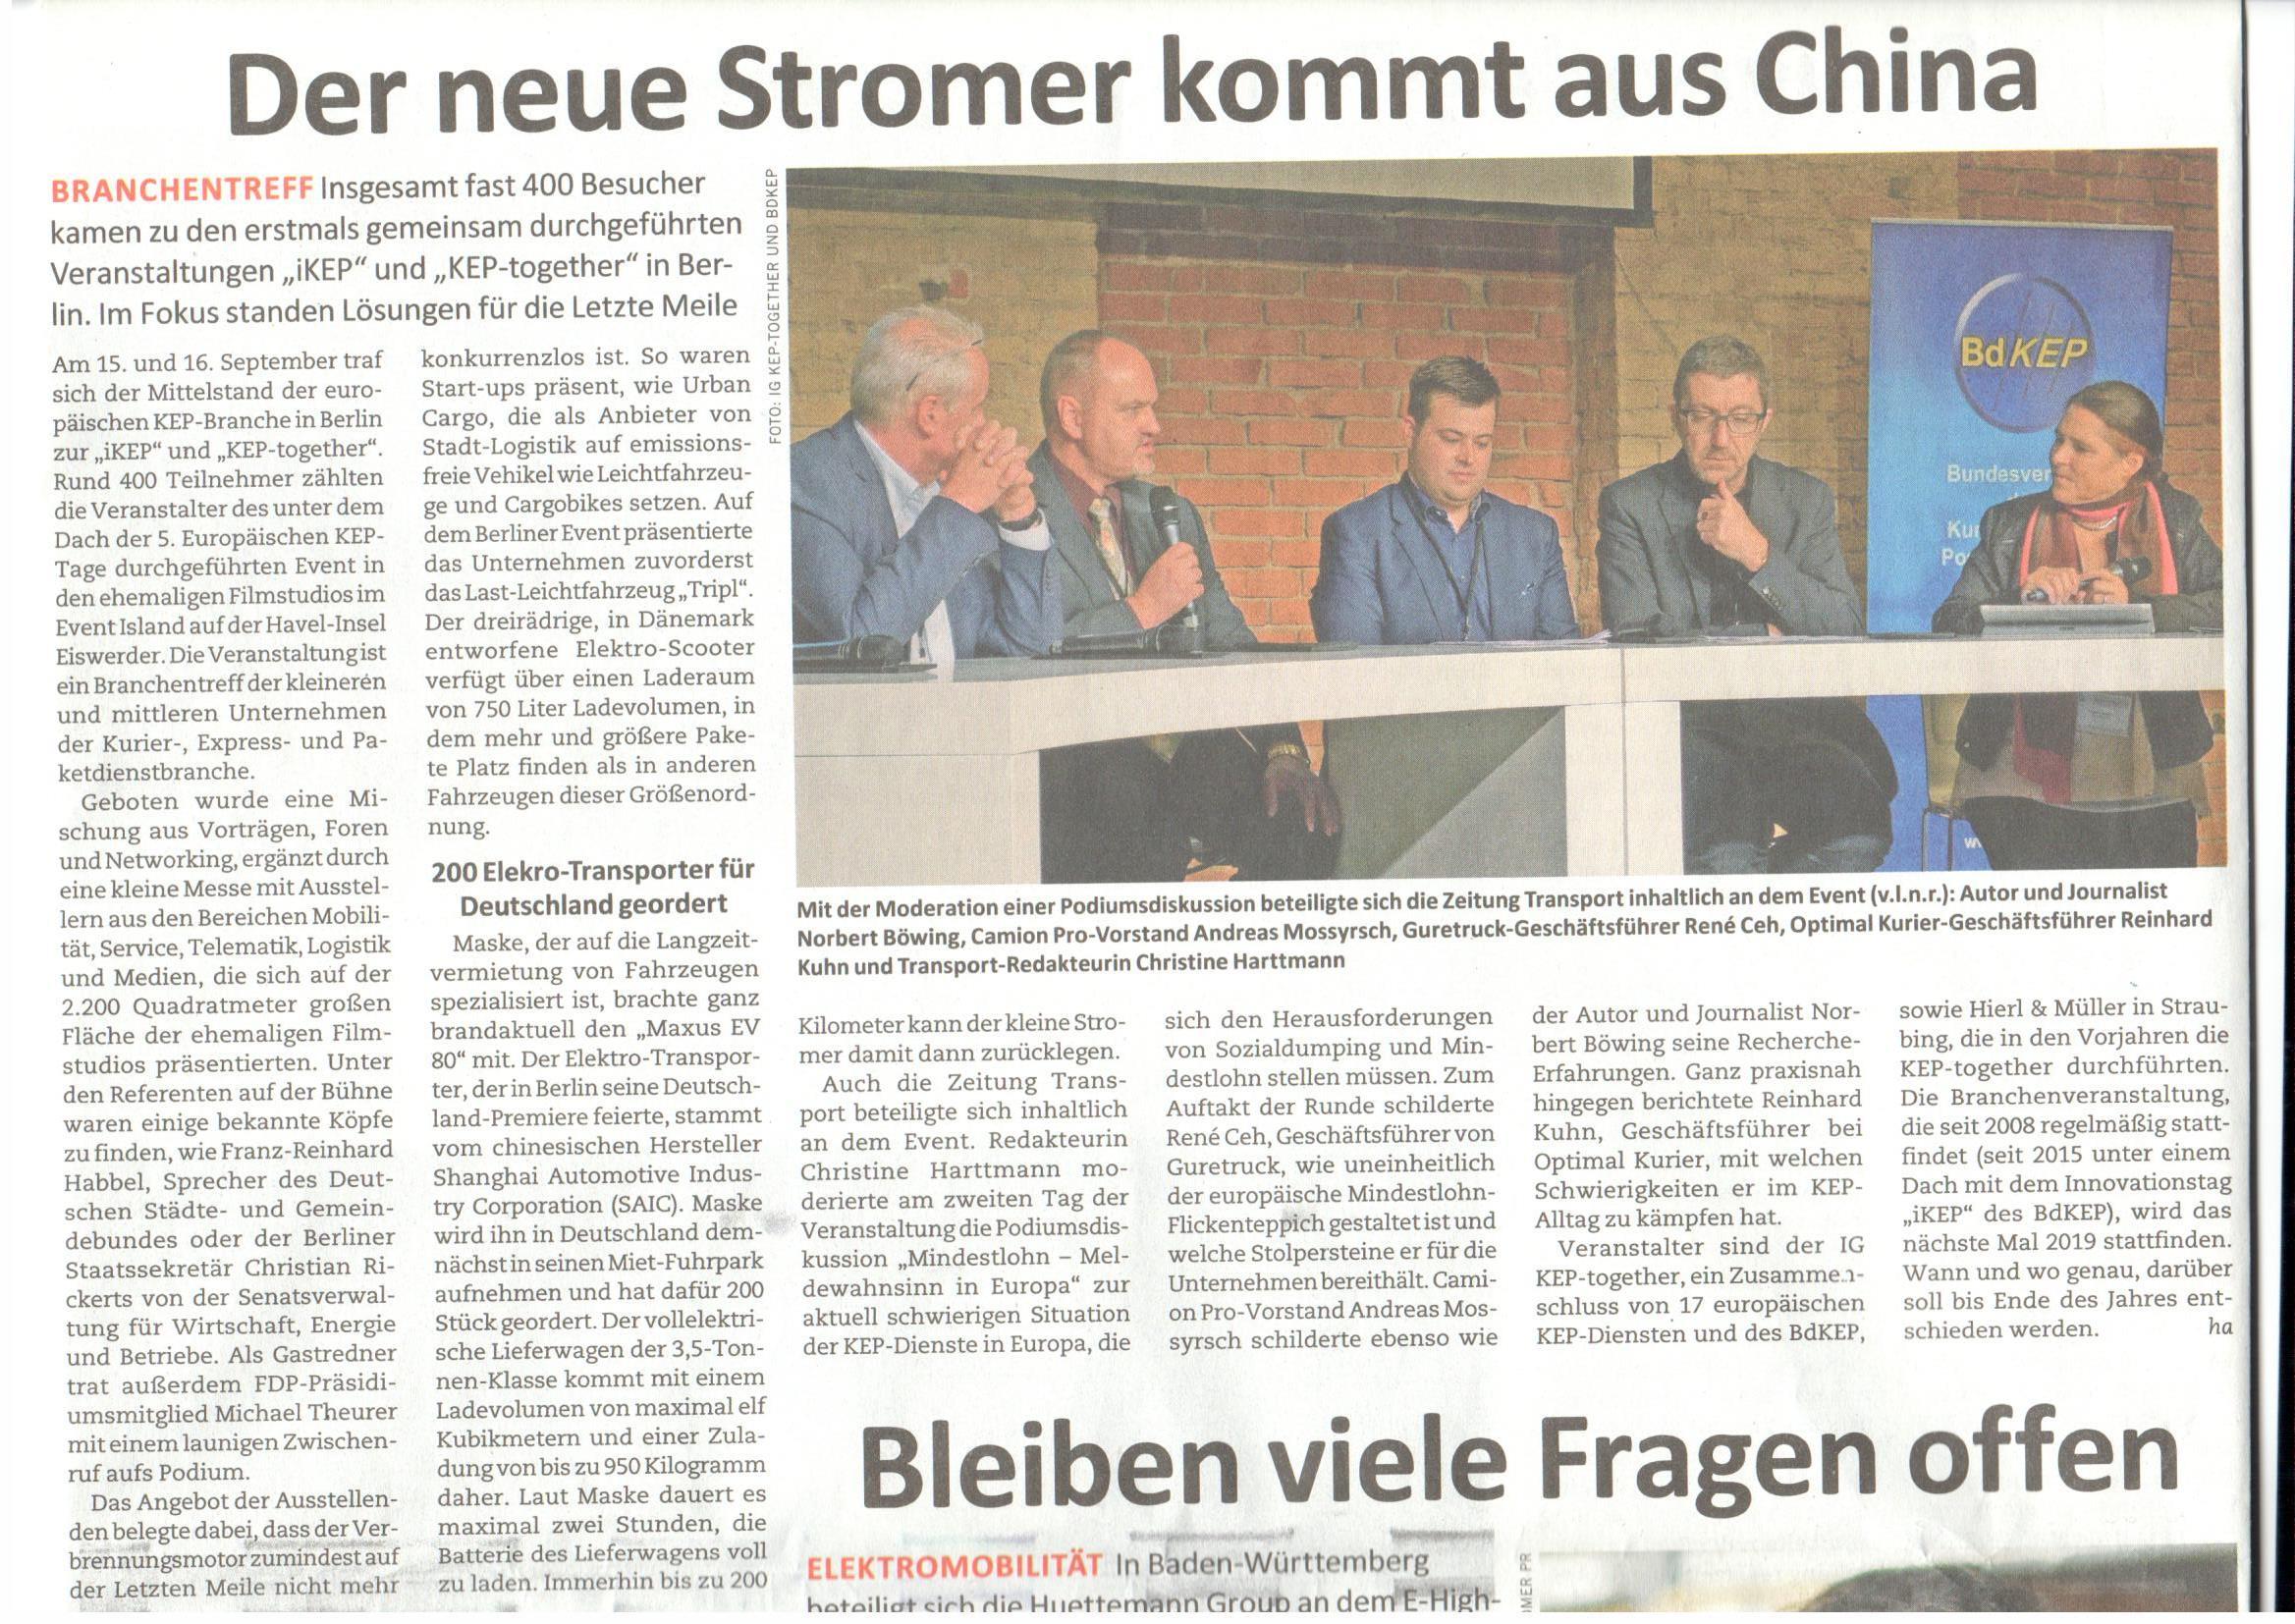 der_neue_stromer_kommt_aus_china.jpg